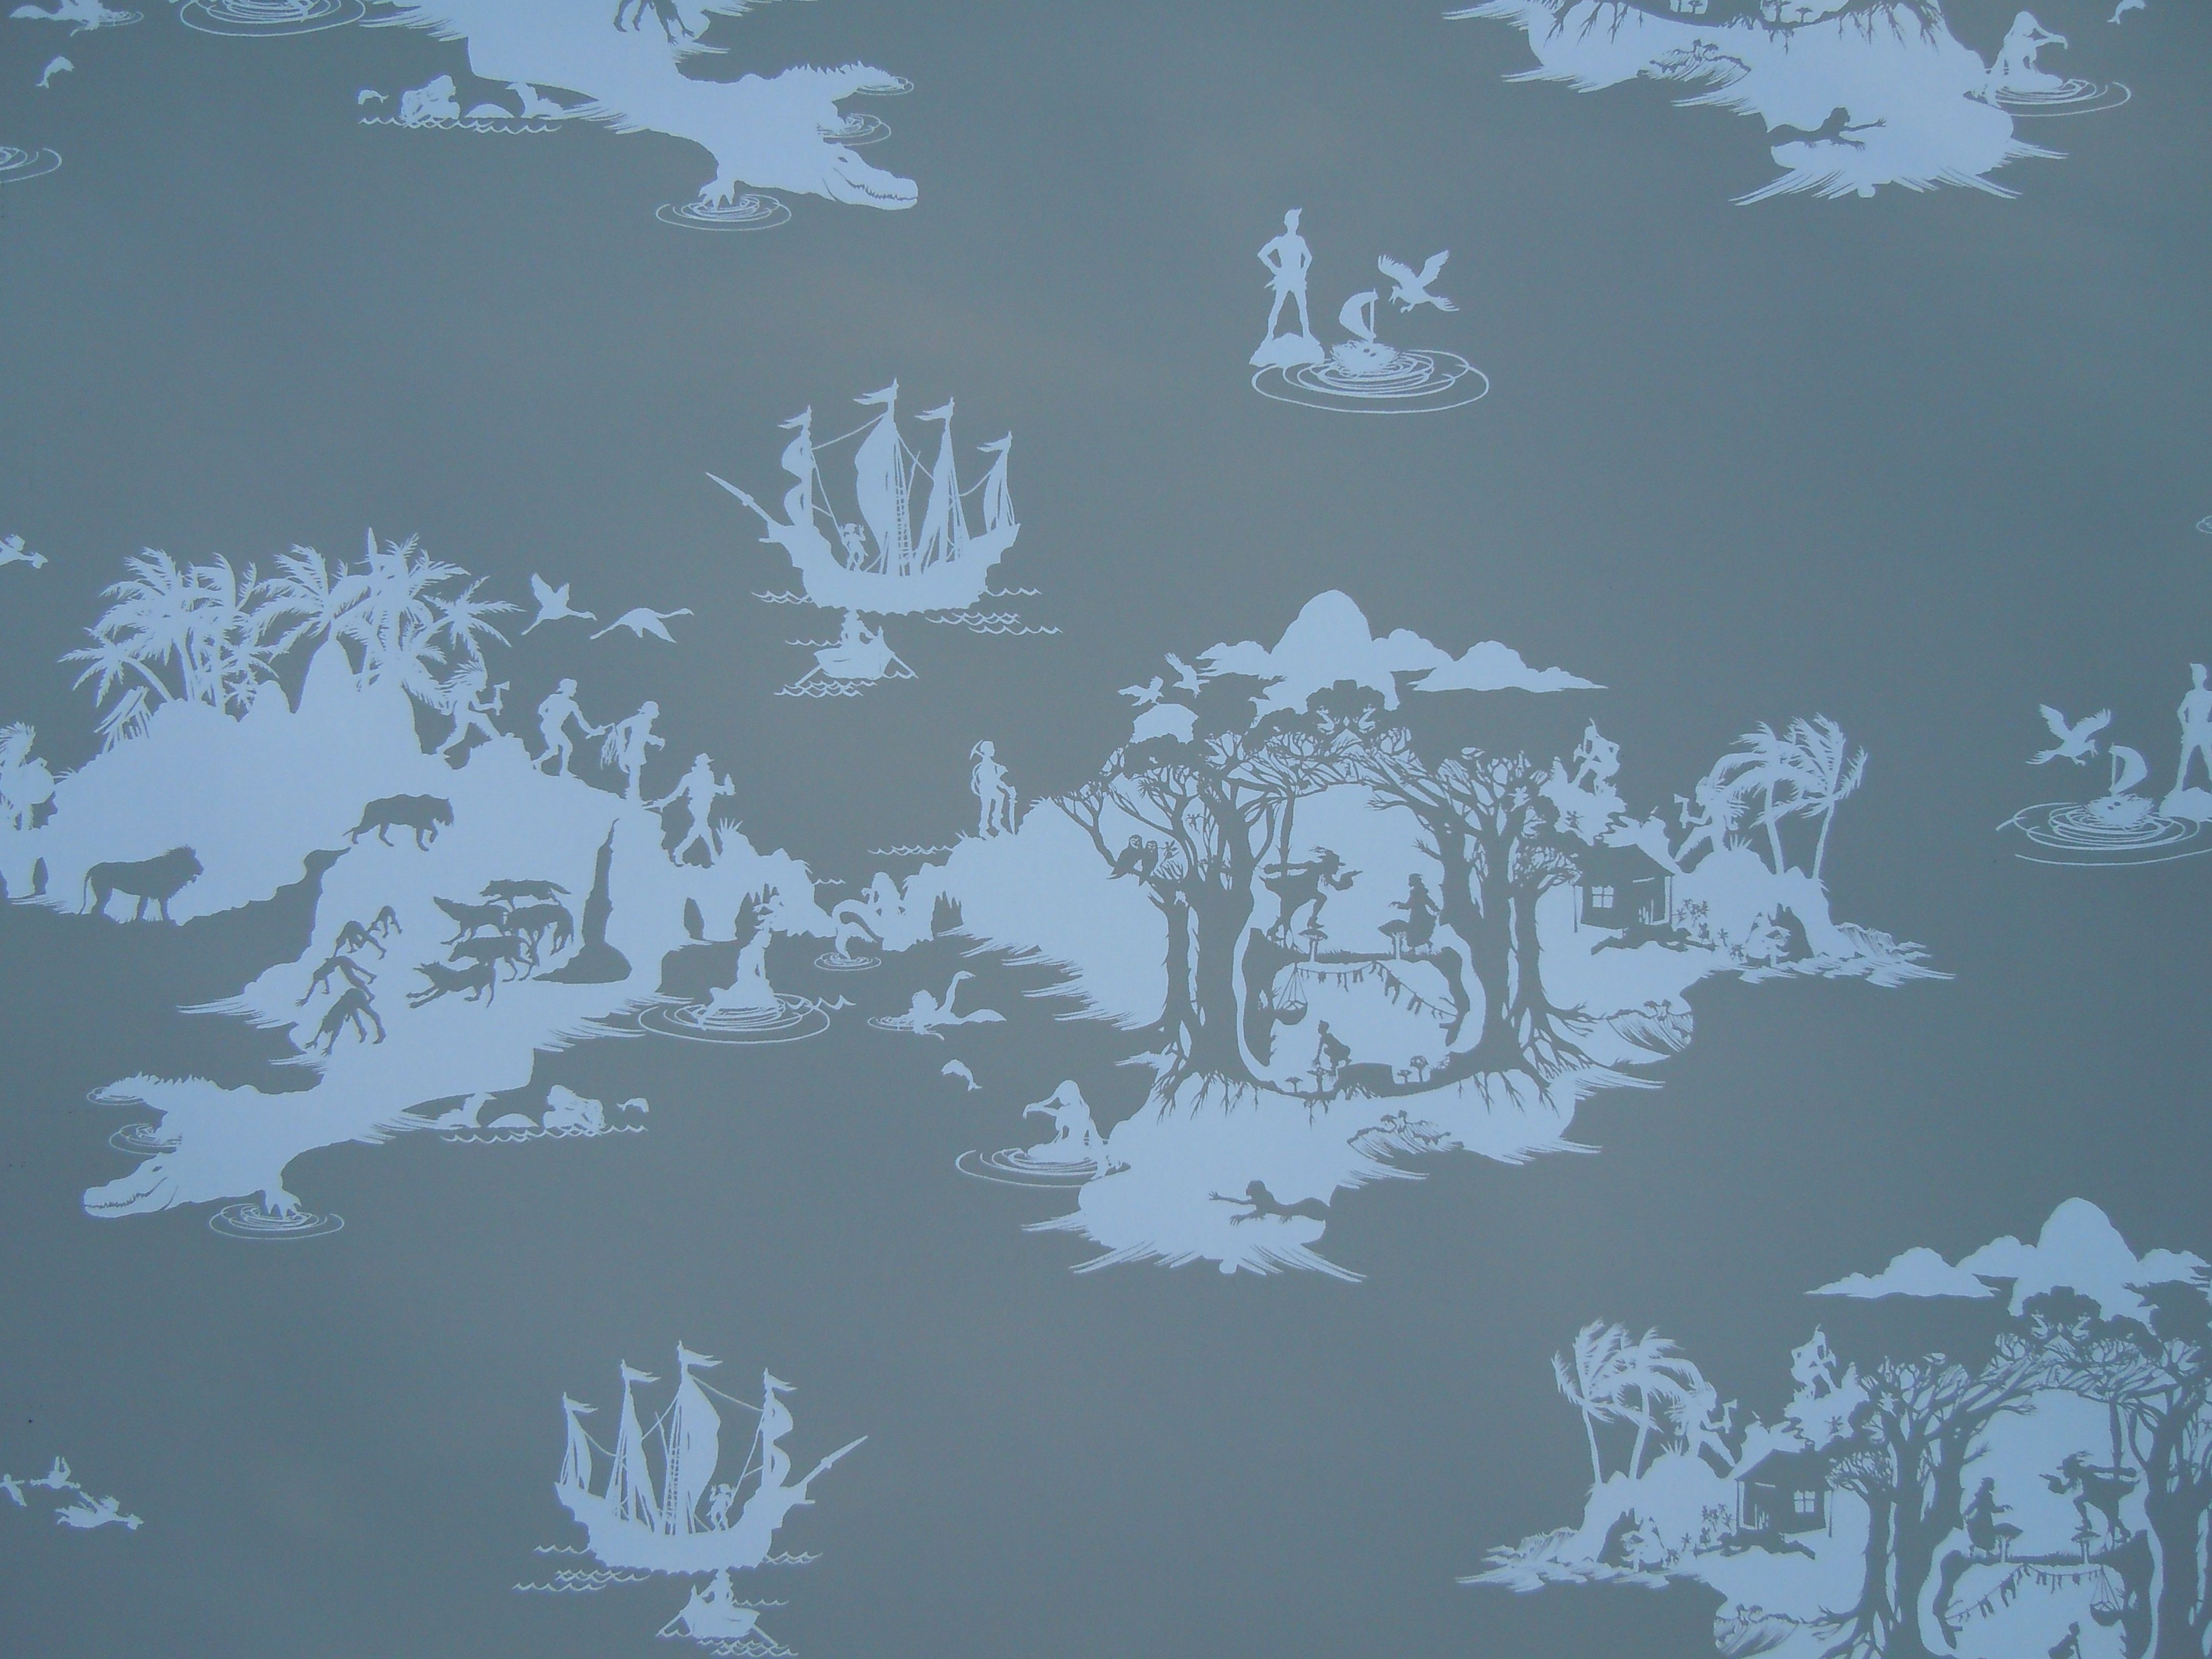 More Peter Pan Wallpaper